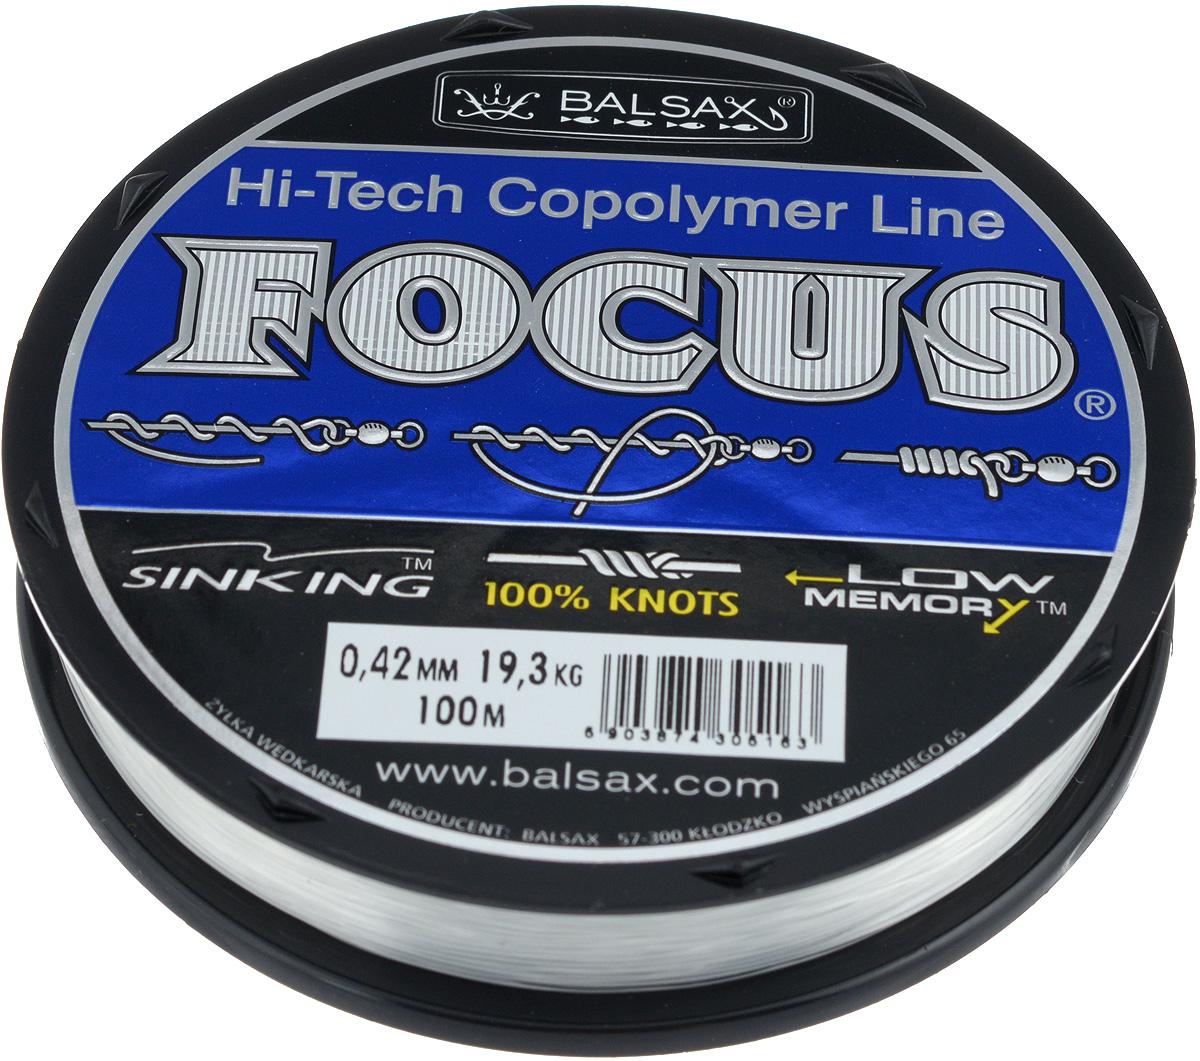 Леска Balsax Focus, 100 м, 0,42 мм, 19,3 кгPGPS7797CIS08GBNVЛеска Balsax Focus практически идеально прозрачна, а значит, отлично подходит для ловли во всех водоемах, независимо от погодных условий. Очередной особенностью, повышающей достоинства данной лески, является ее стопроцентная сопротивляемость к деформации, что дает рыболовам уверенность в эффективных забросах, а также позволяет избежать безнадежного запутывания лески. Тесты на эластичность и упругость лески доказали, что последняя, пропорционально к другим особенностям, имеет необходимую растяжимость. Для рыболова это означает, что можно даже тащить очень крупную рыбу.